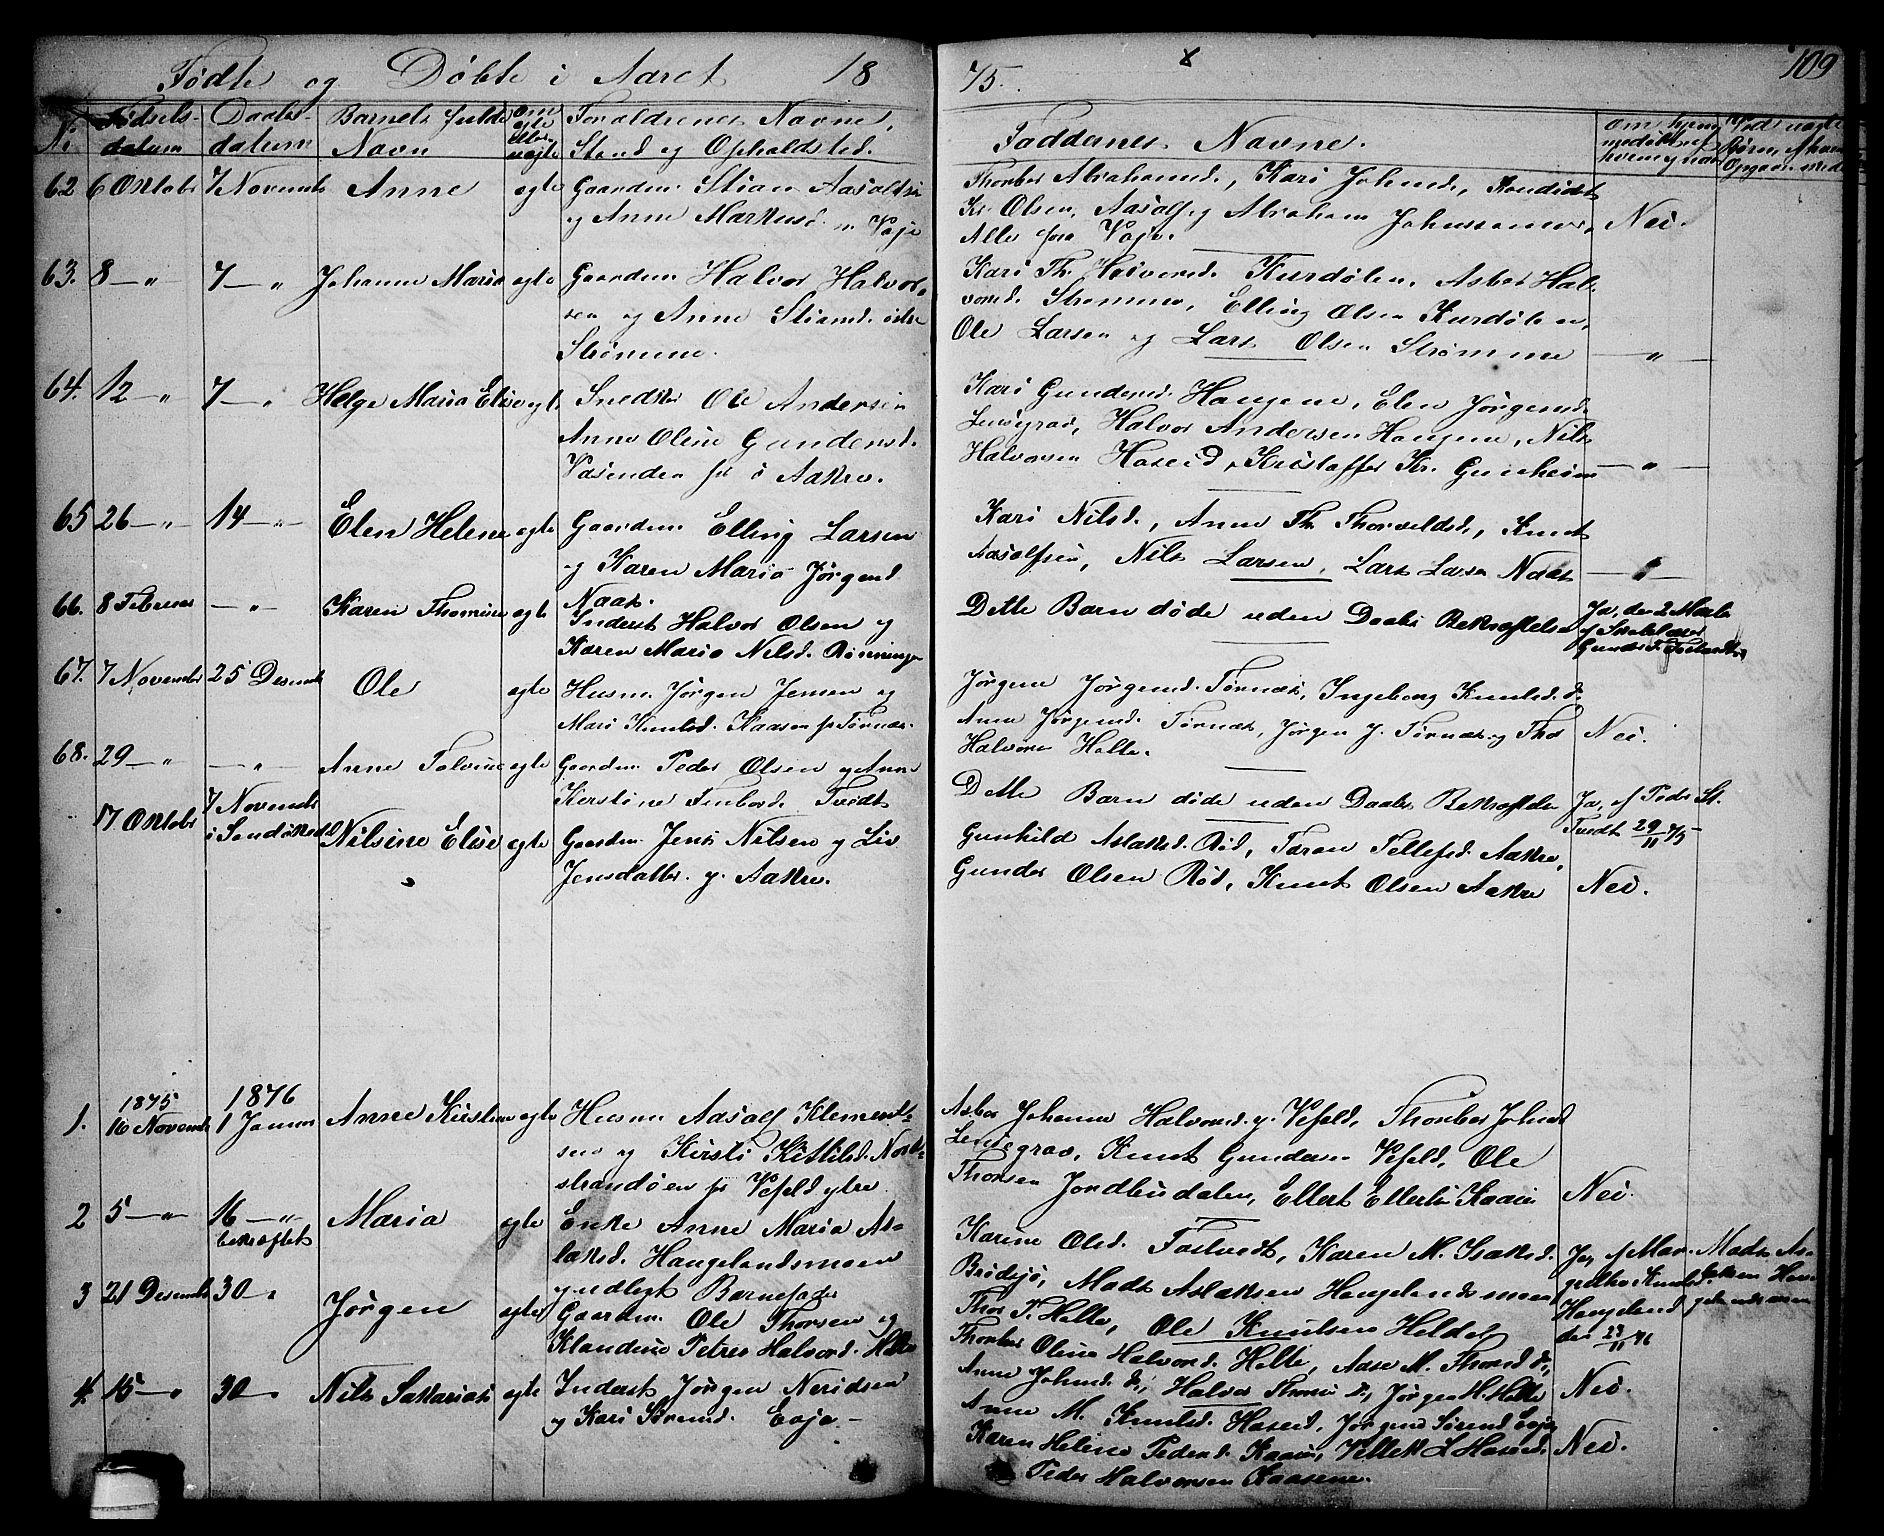 SAKO, Drangedal kirkebøker, G/Ga/L0002: Klokkerbok nr. I 2, 1856-1887, s. 109